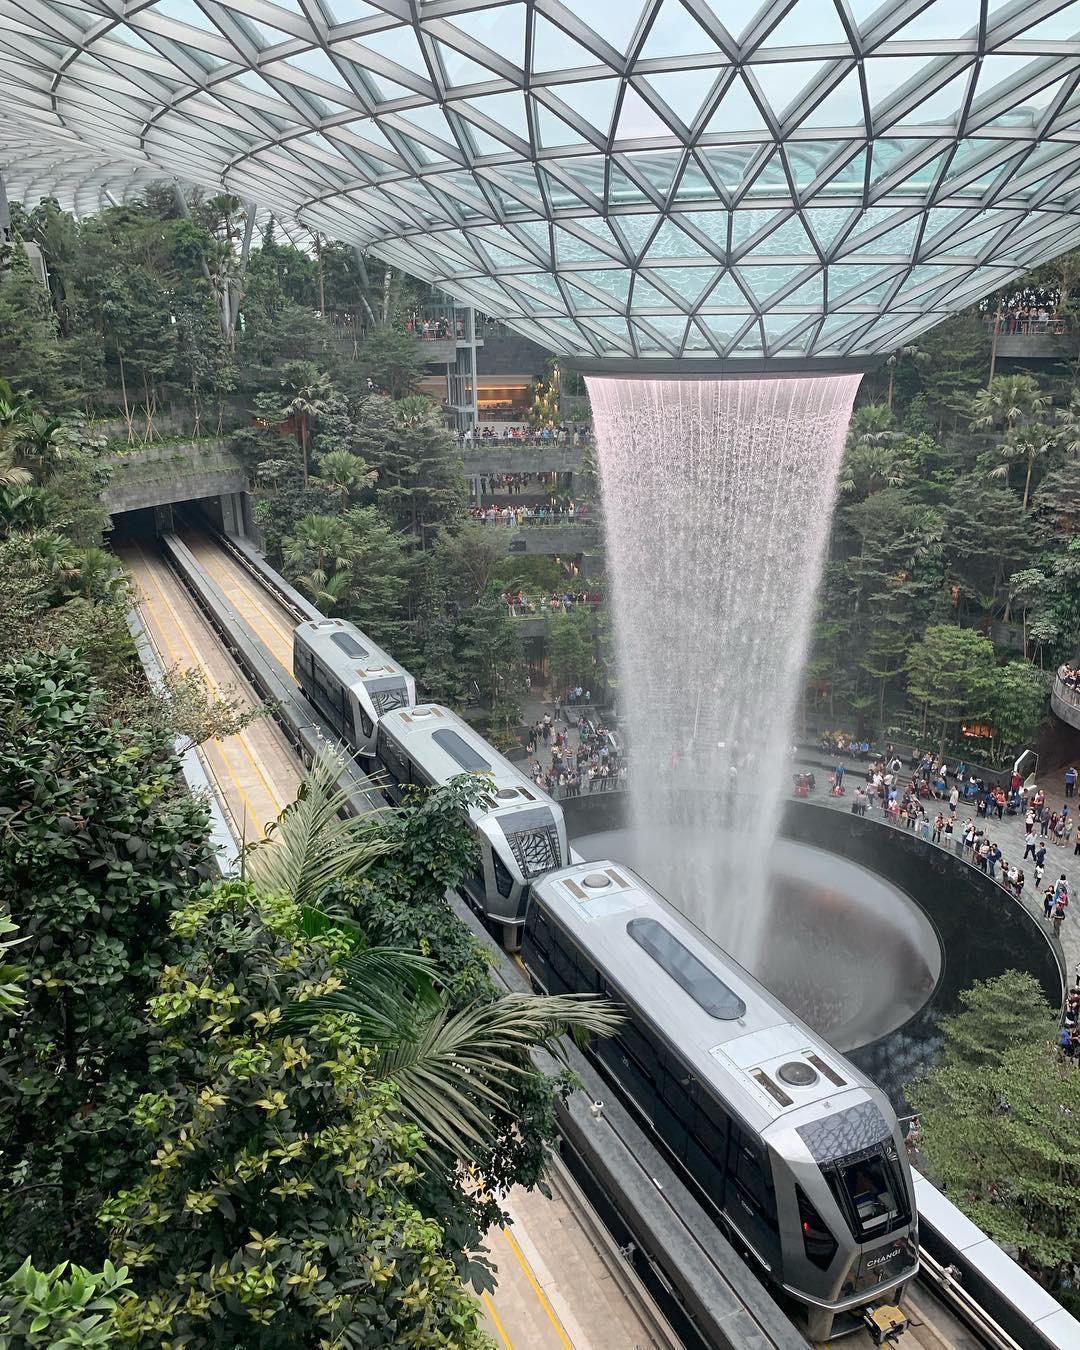 Khám phá sân bay tuyệt vời nhất thế giới - Sân bay Changi - ảnh 7